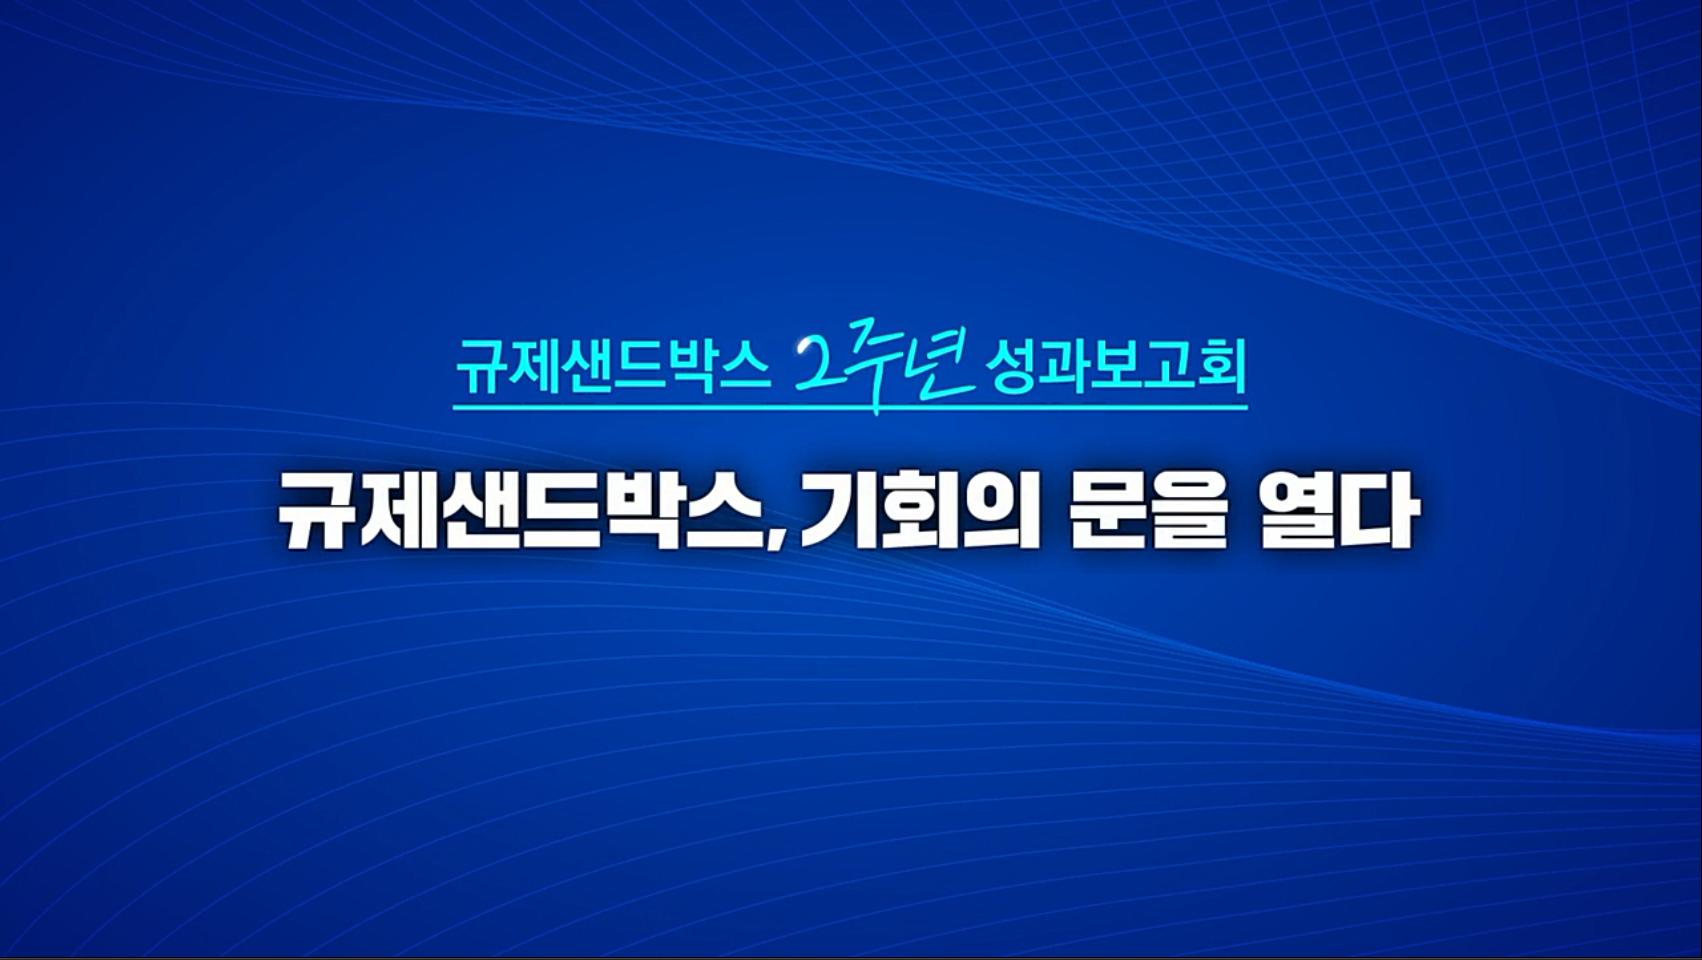 규제샌드박스 2주년 성과보고회